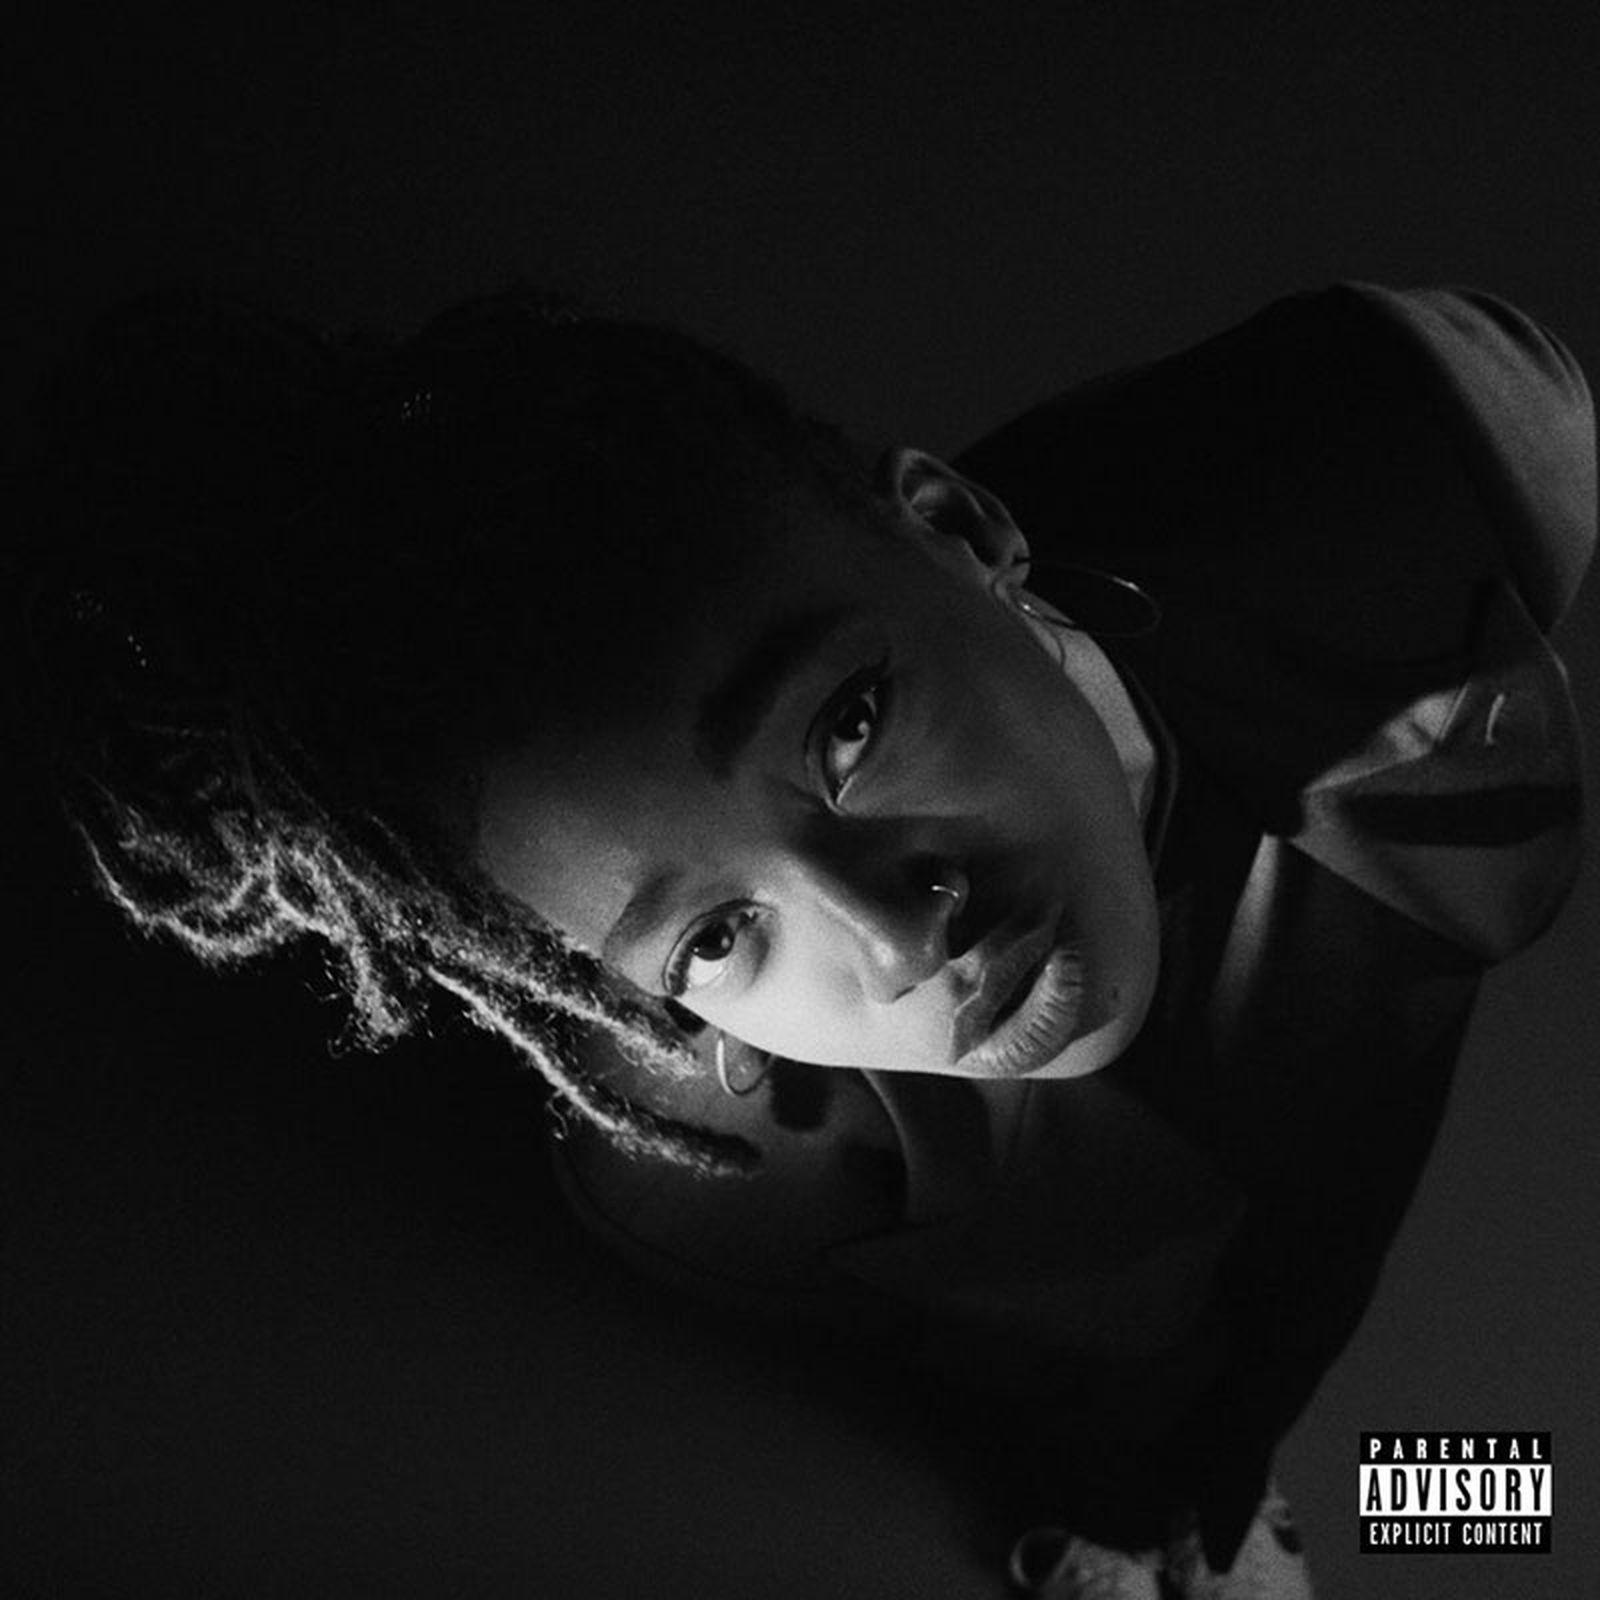 best albums 2019 2 chainz 21 Savage Dave